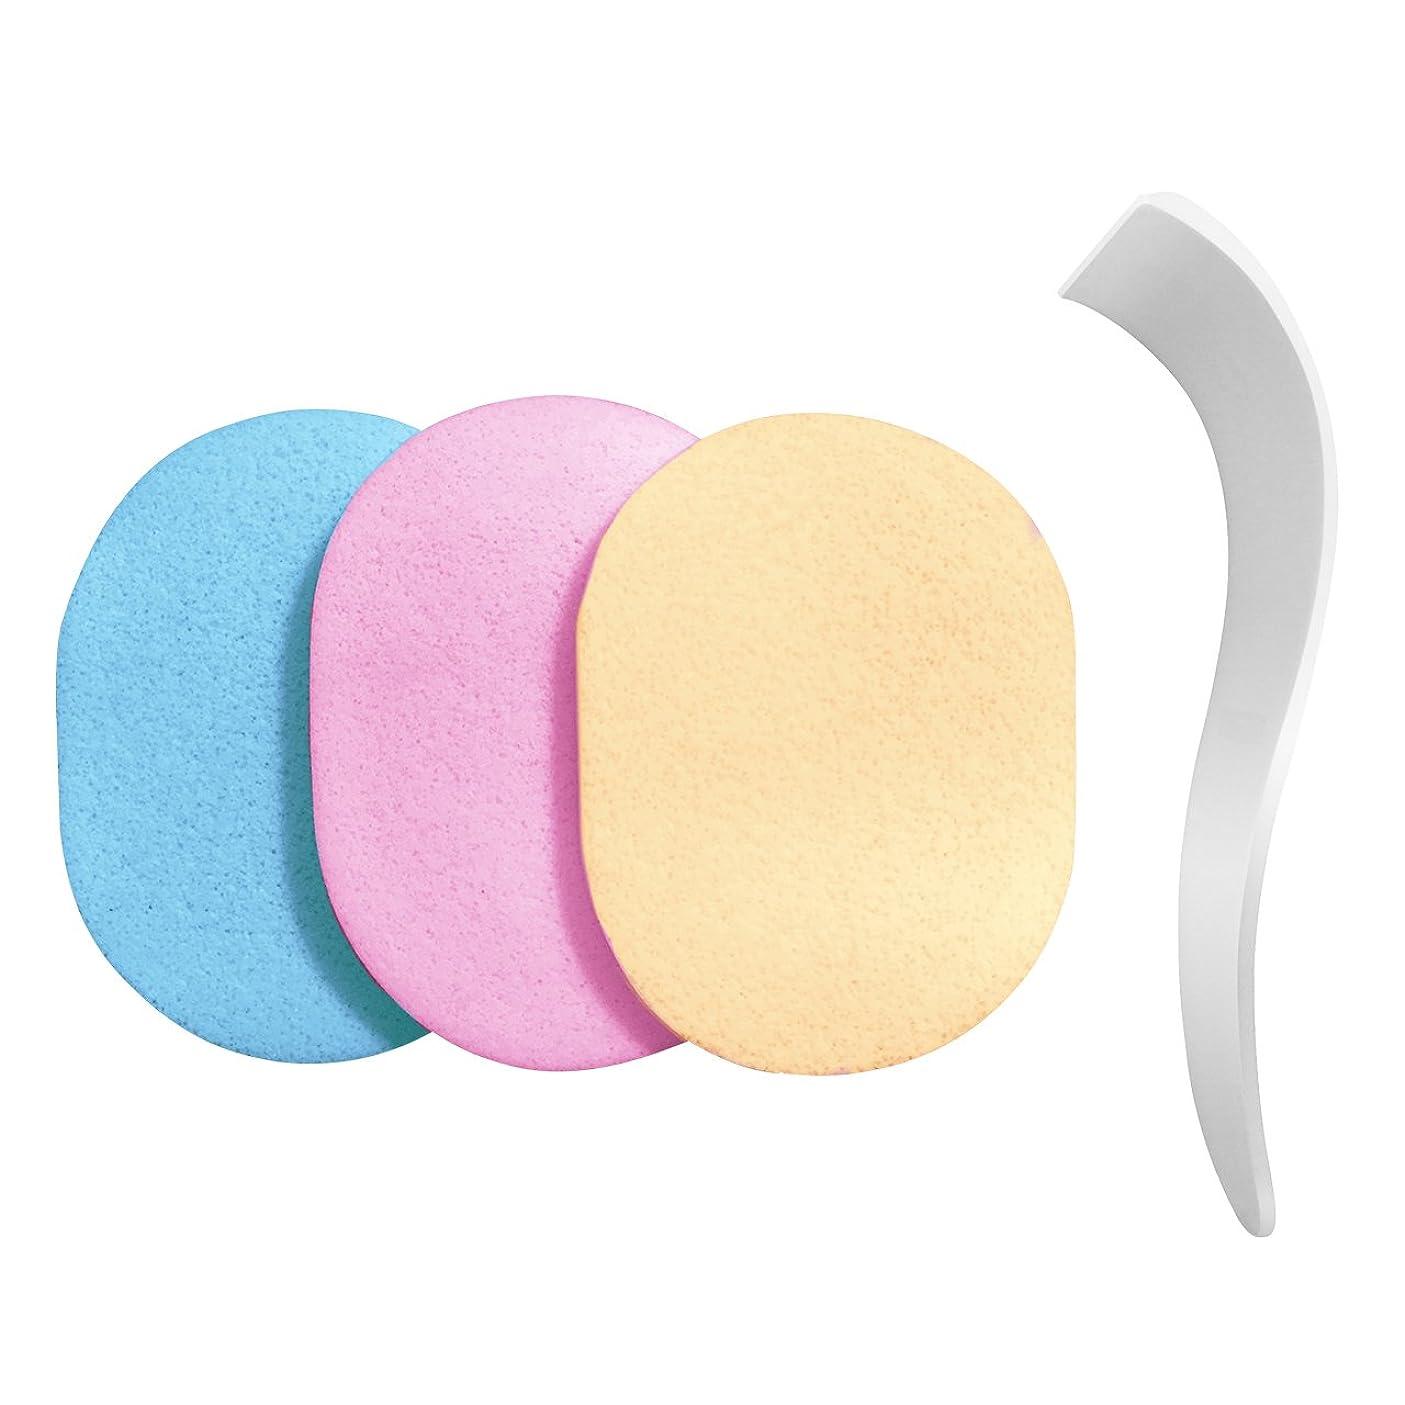 しばしば厚さに向かって【除毛用】s-fit 専用ヘラ スポンジ 洗って使える 3色セット 100%PVA 除毛クリーム専用 メンズ レディース